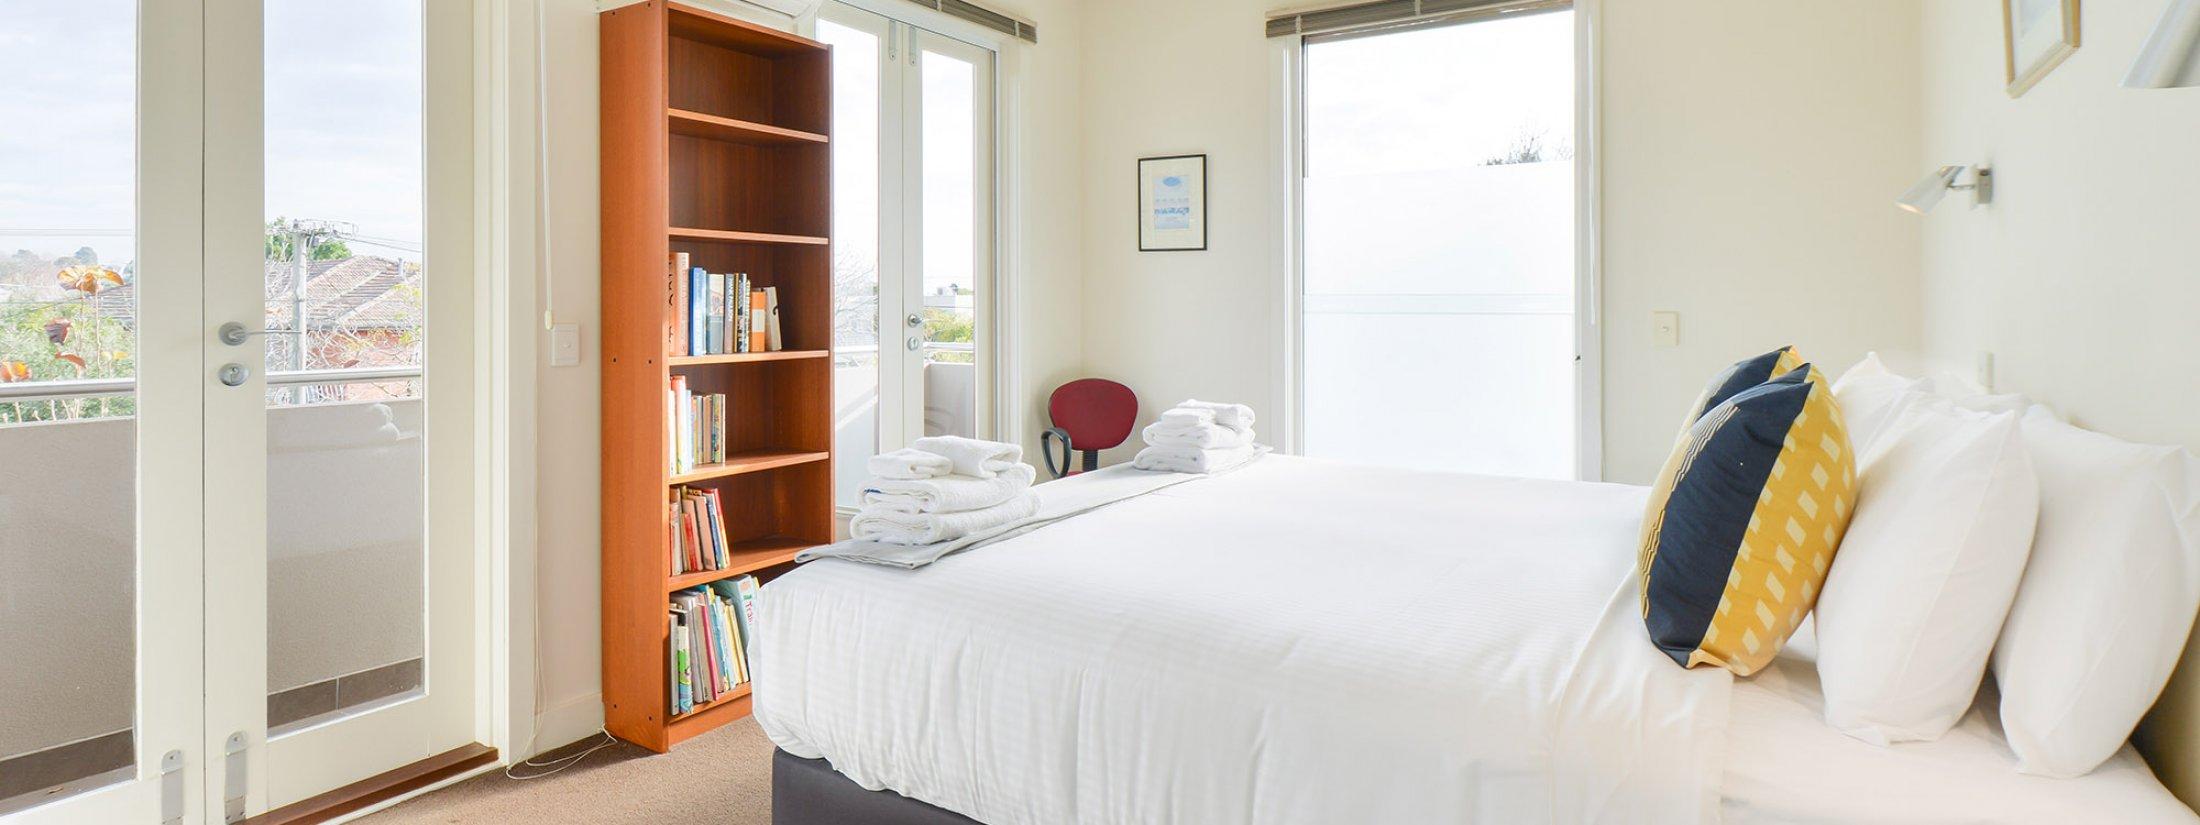 Maple on Kent - Glen Iris - Bedroom 2b